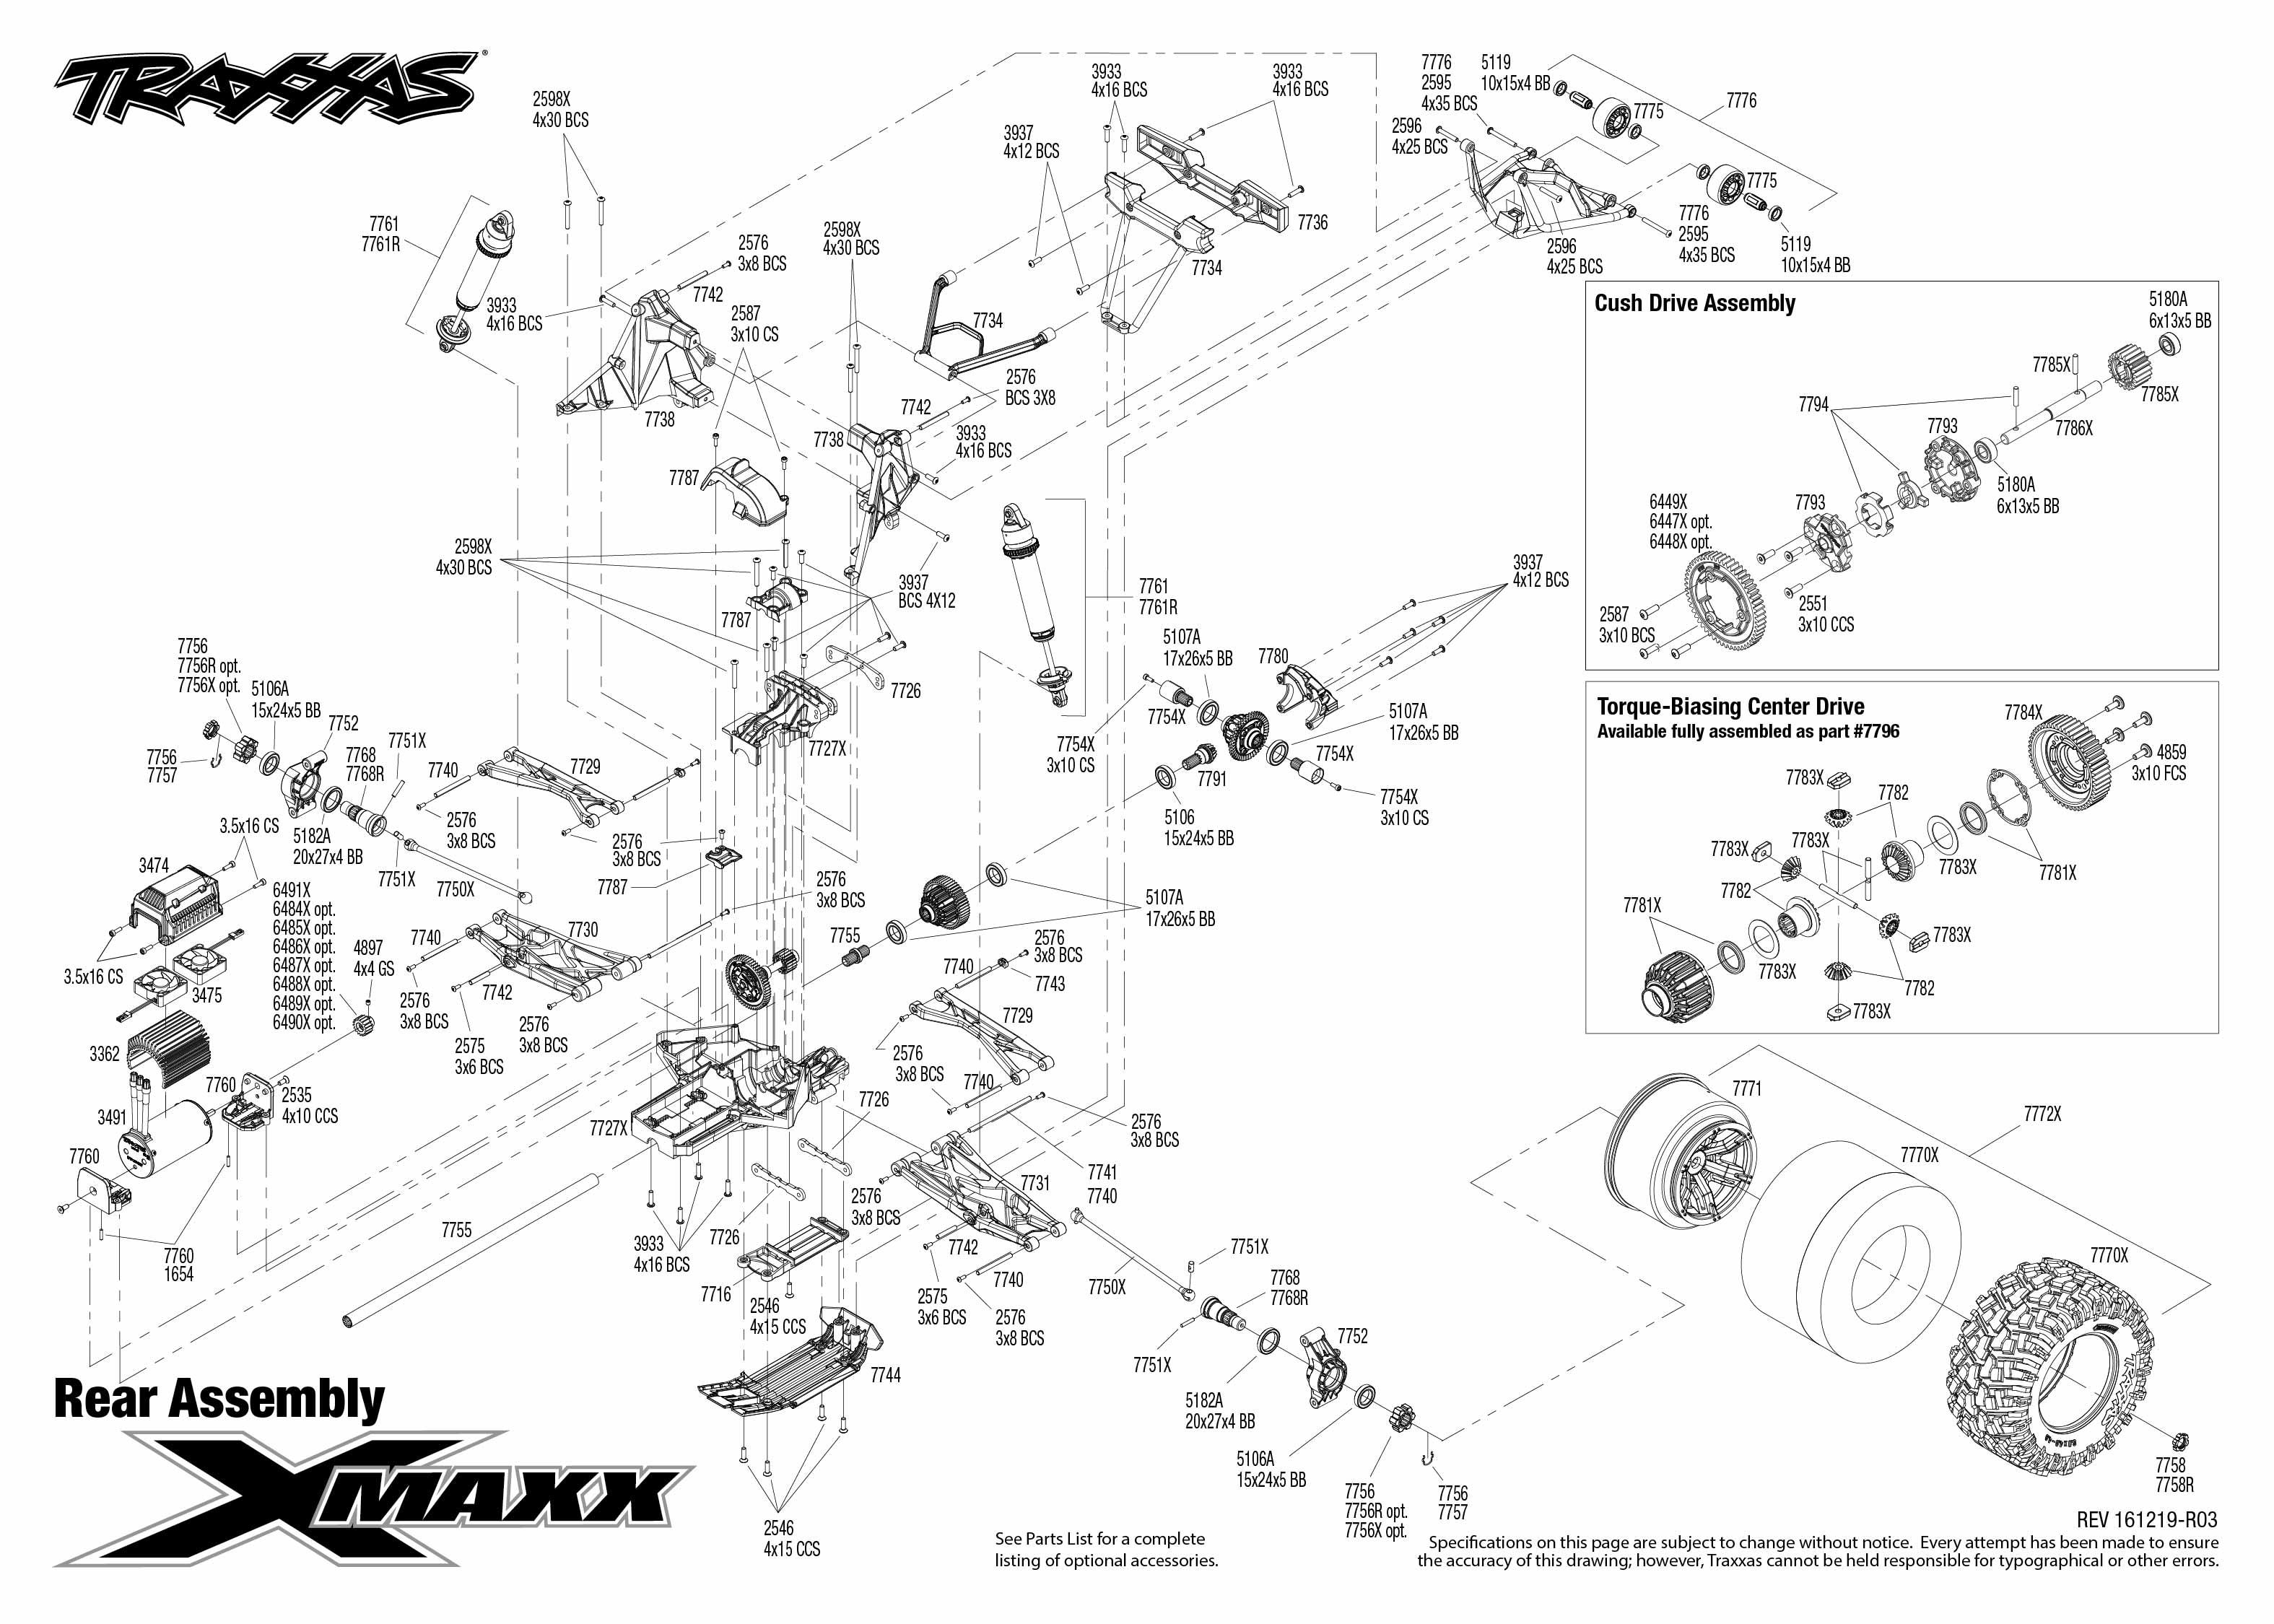 Traxxas X Maxx 8s 4wd Brushless Tqi Tsm Rc Mester Din Radiostyrte Wiring Diagram Rims Bcs Produktanmeldelser 0